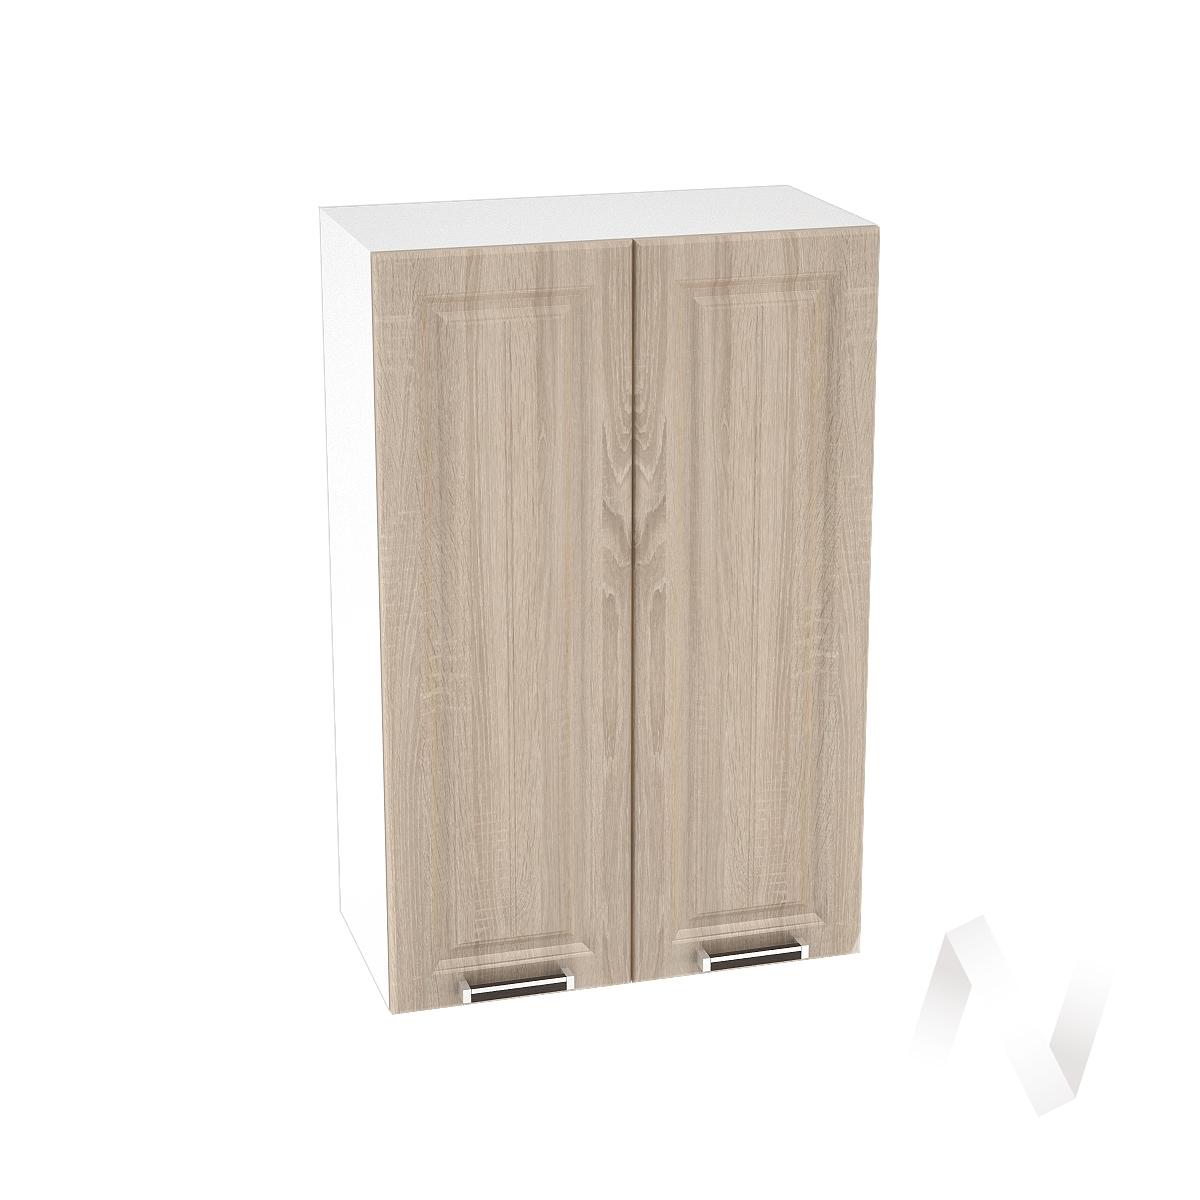 """Купить кухня """"прага"""": шкаф верхний 600, шв 600 (дуб сонома/корпус белый) в Новосибирске в интернет-магазине Мебель плюс Техника"""